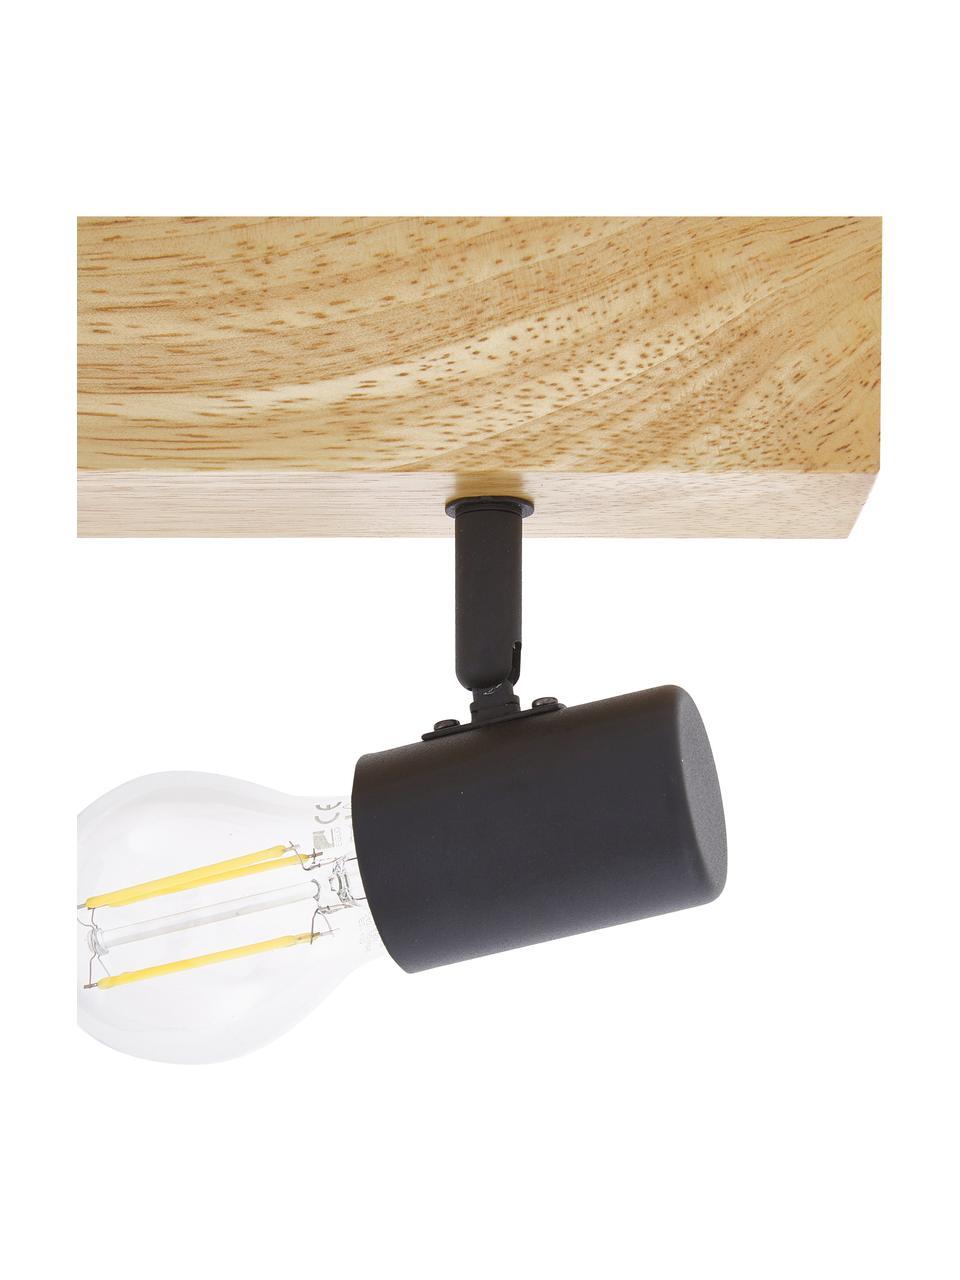 Kleiner Deckenstrahler Townshend aus Holz, Baldachin: Holz, Schwarz, Holz, 30 x 13 cm